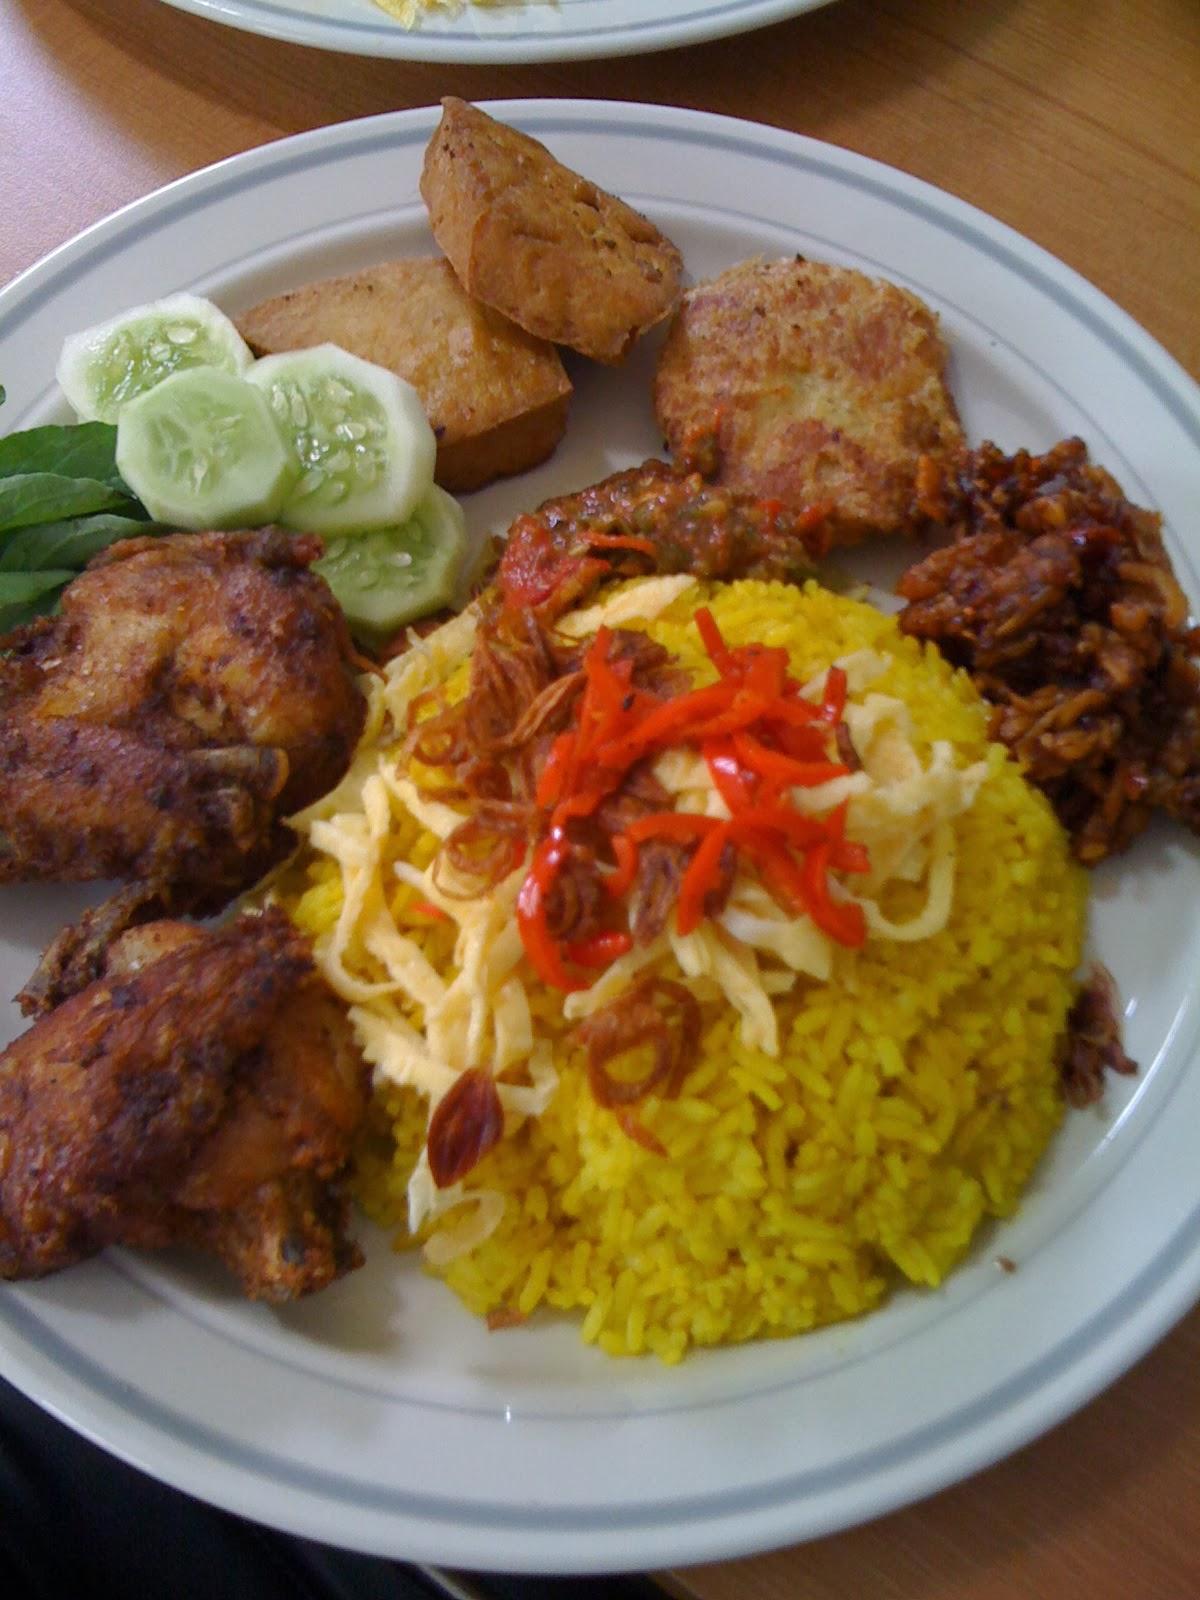 Resep Cara Membuat Nasi Kuning Spesial   Resep Masakan Enak Sederhana Spesial Indonesia